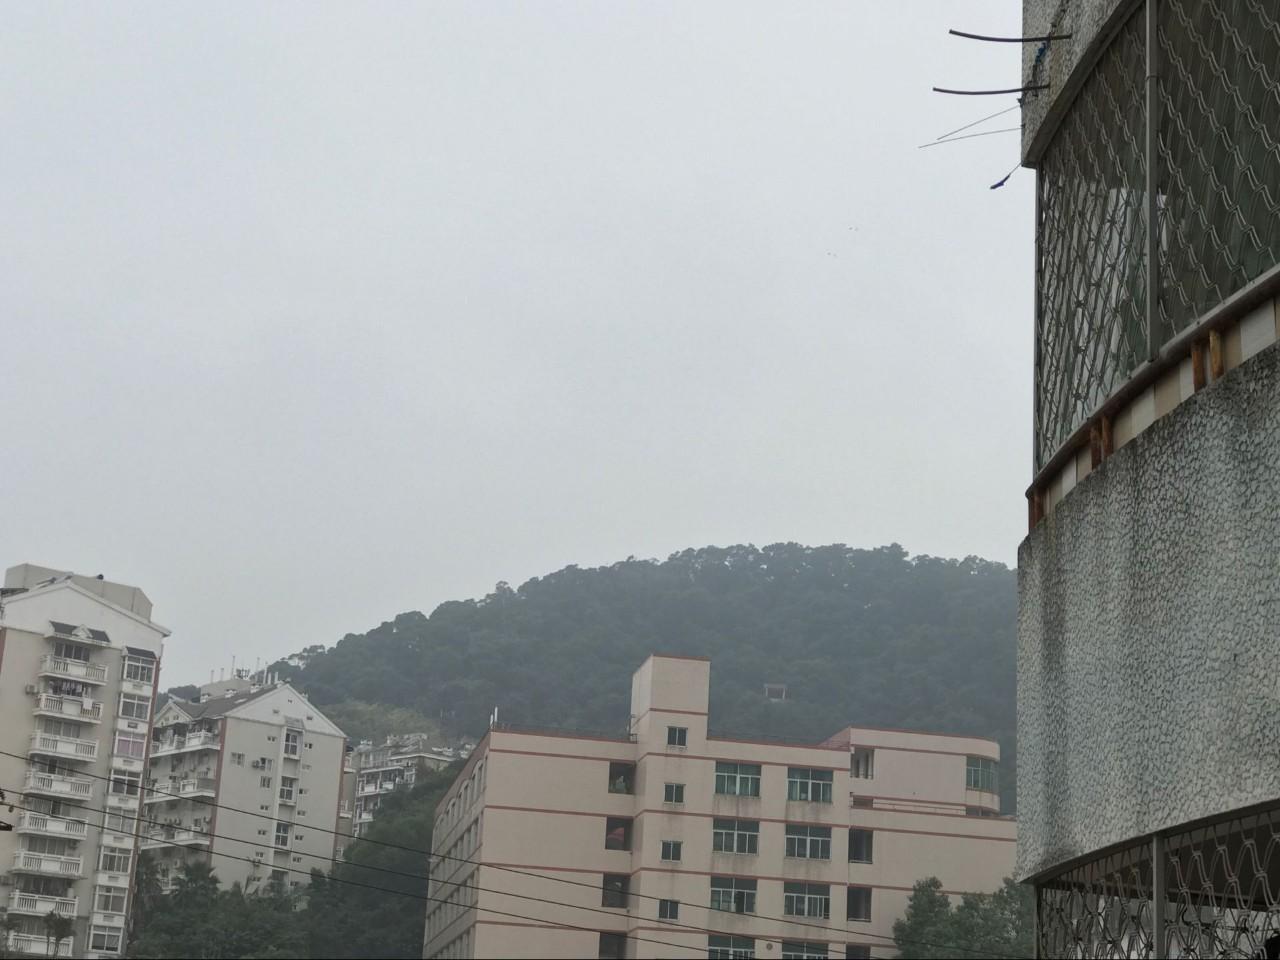 福州空气轻度污染? 气象部门是这样说的